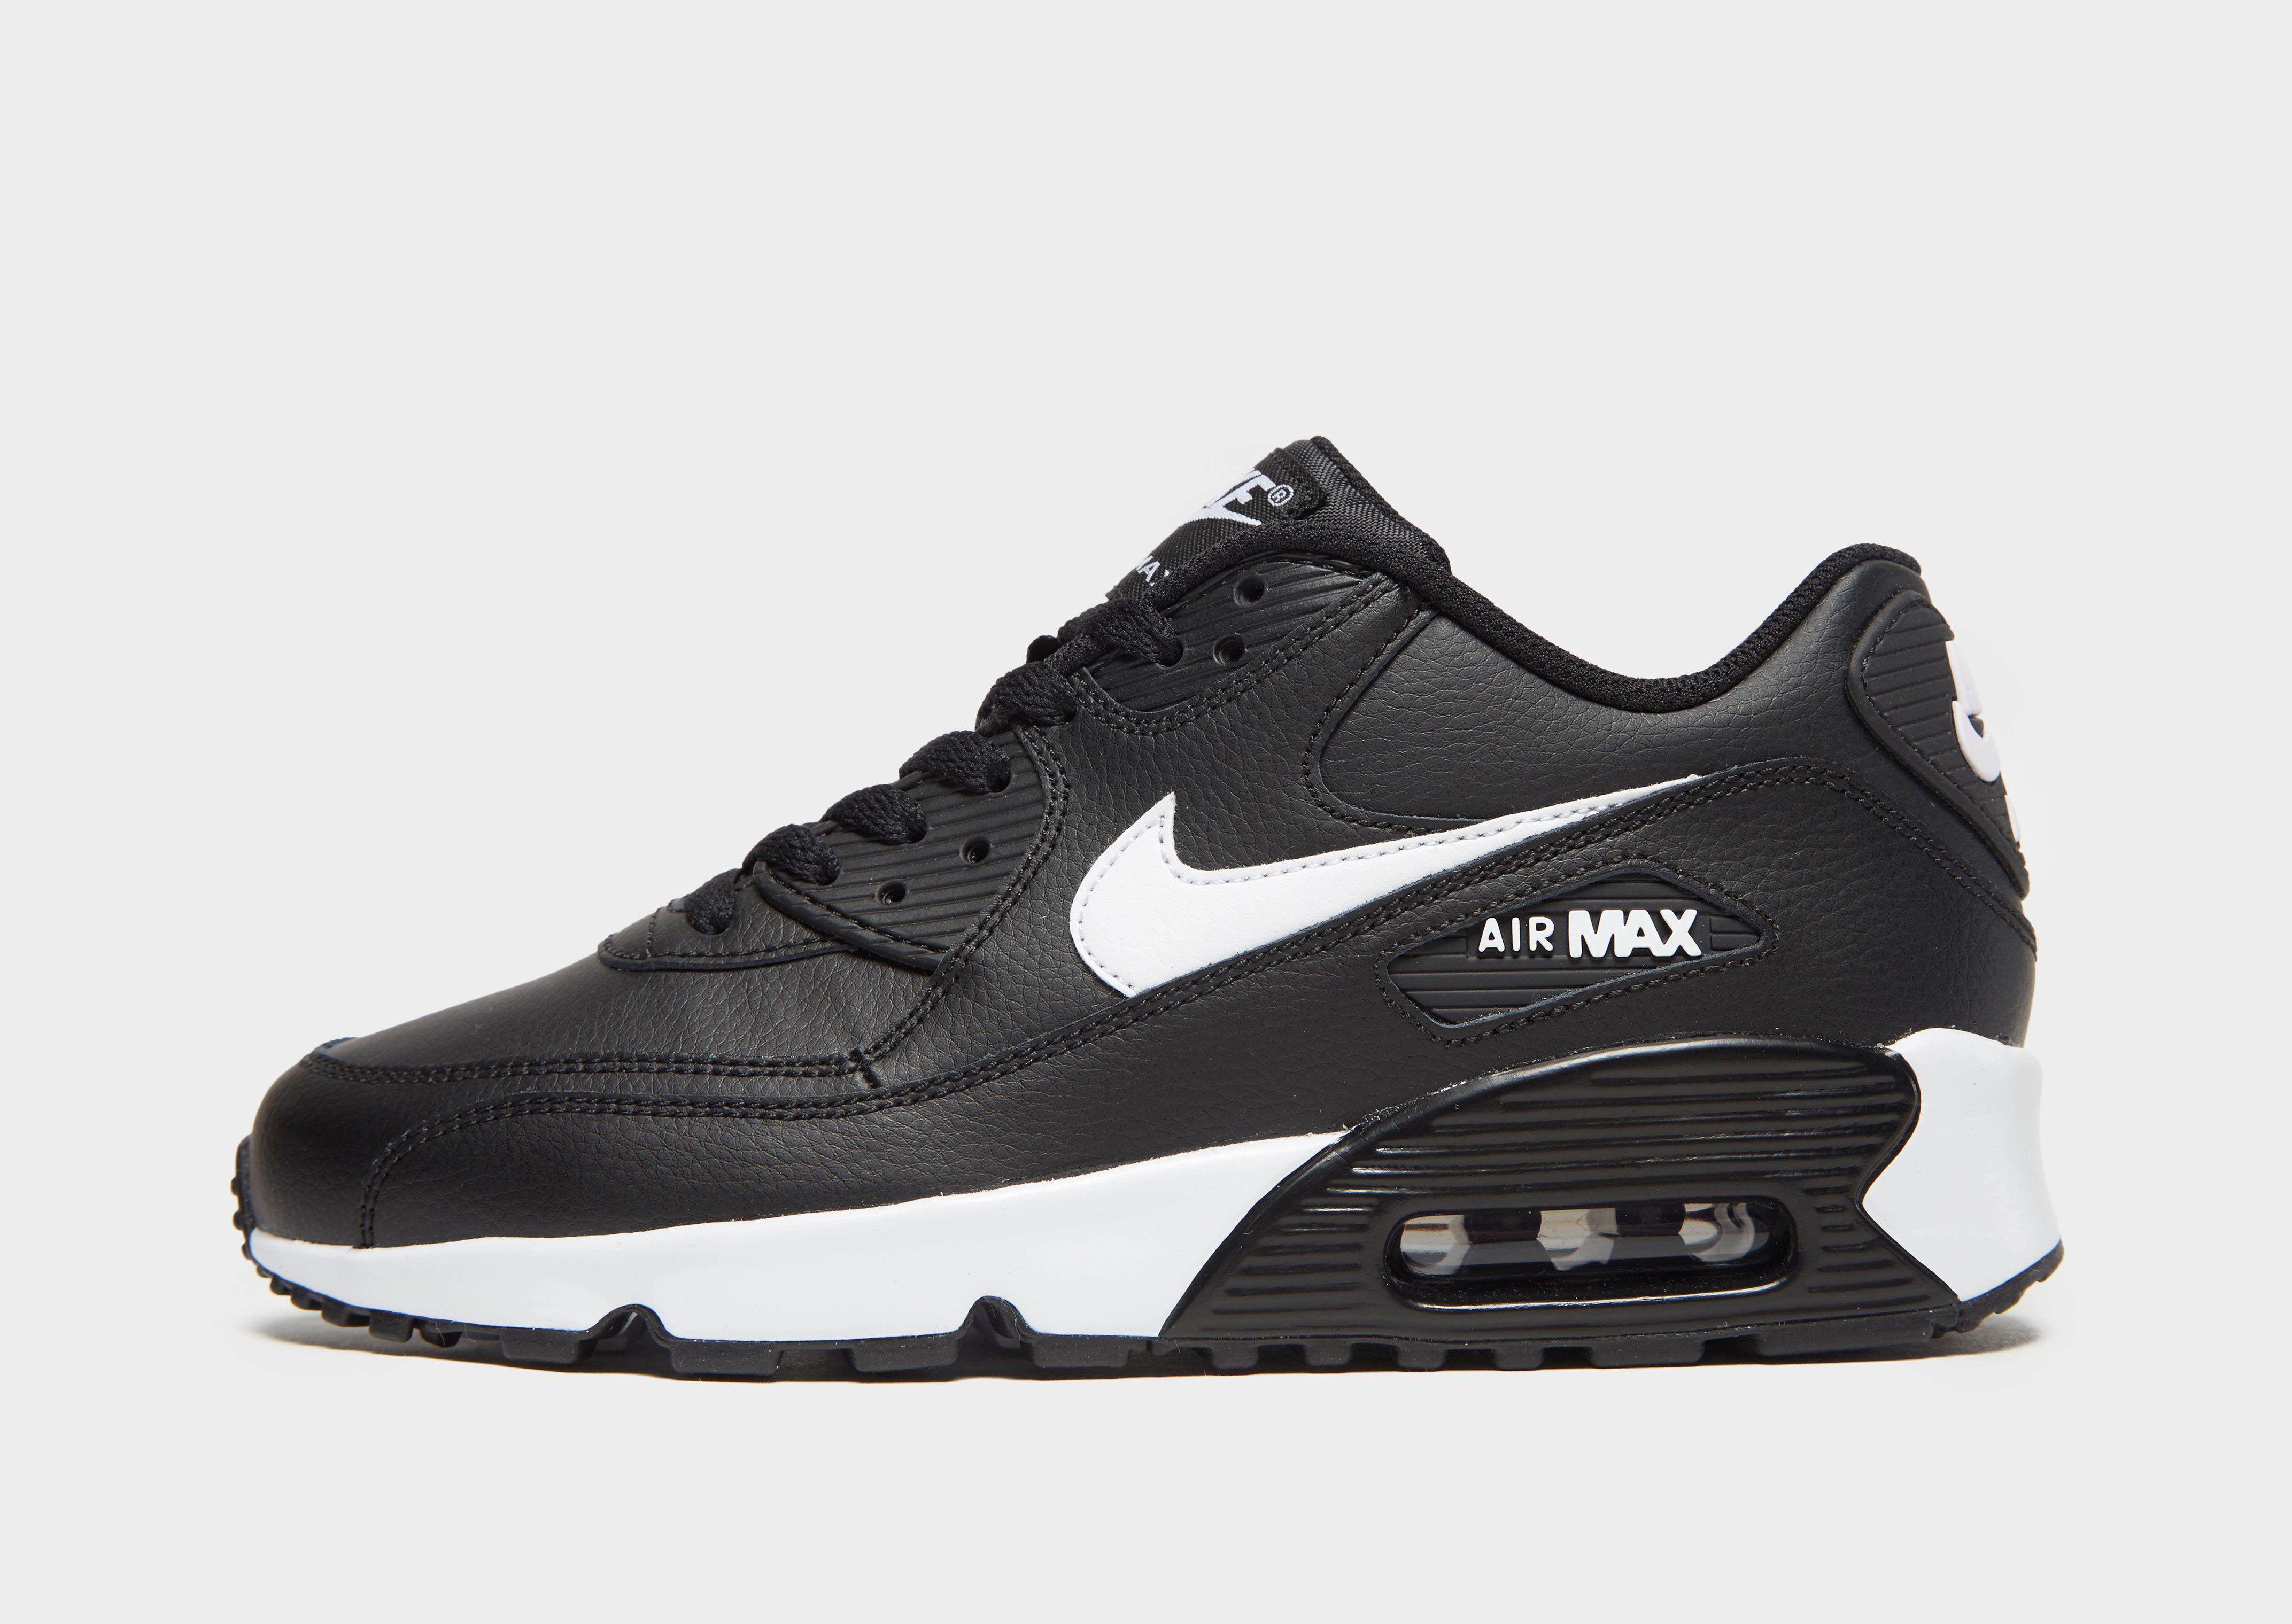 c1e74b39f6 kids black nike air max 90 mesh junior trainers available via ...